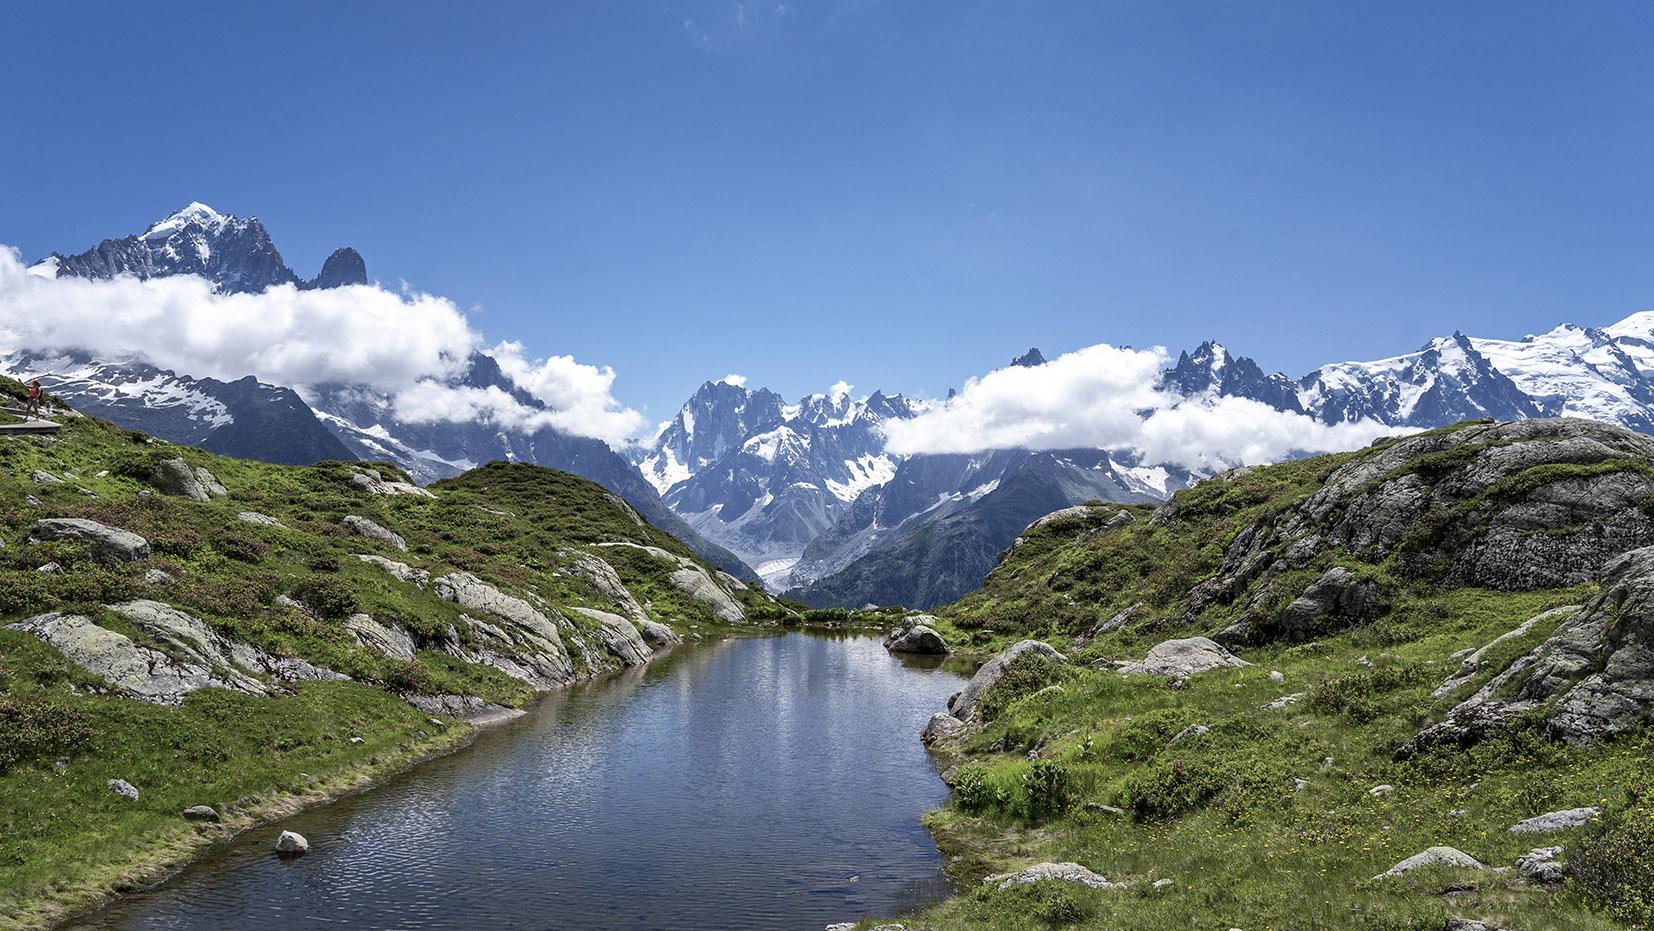 randonnée lac Blanc montagnes neige nuages